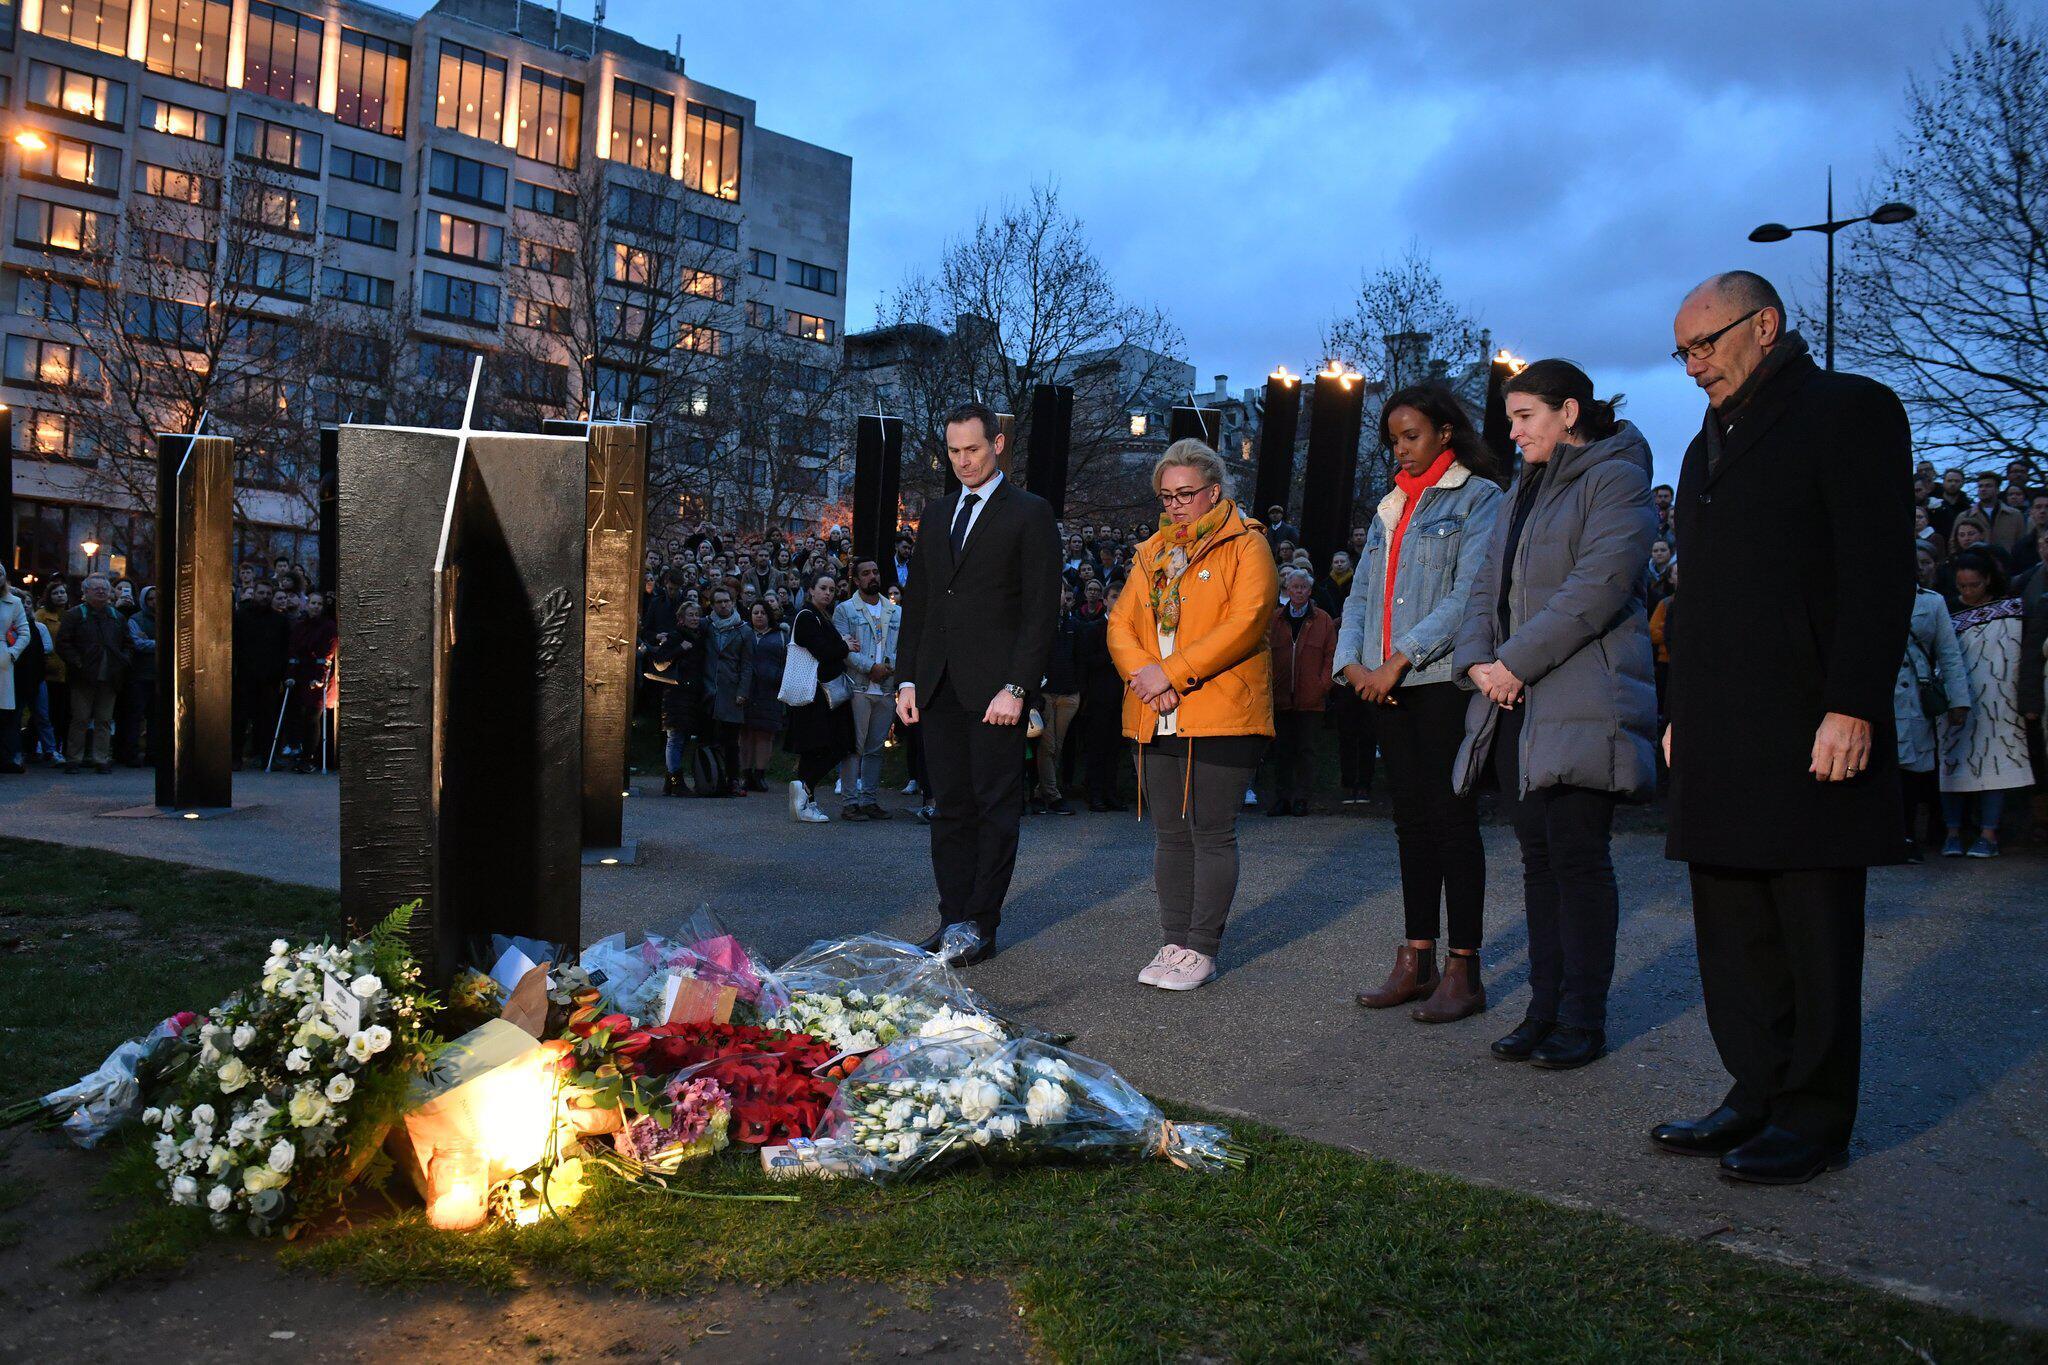 Amoklauf Neuseeland Hd: Nach Anschlag Auf Moscheen Verschärft Neuseeland